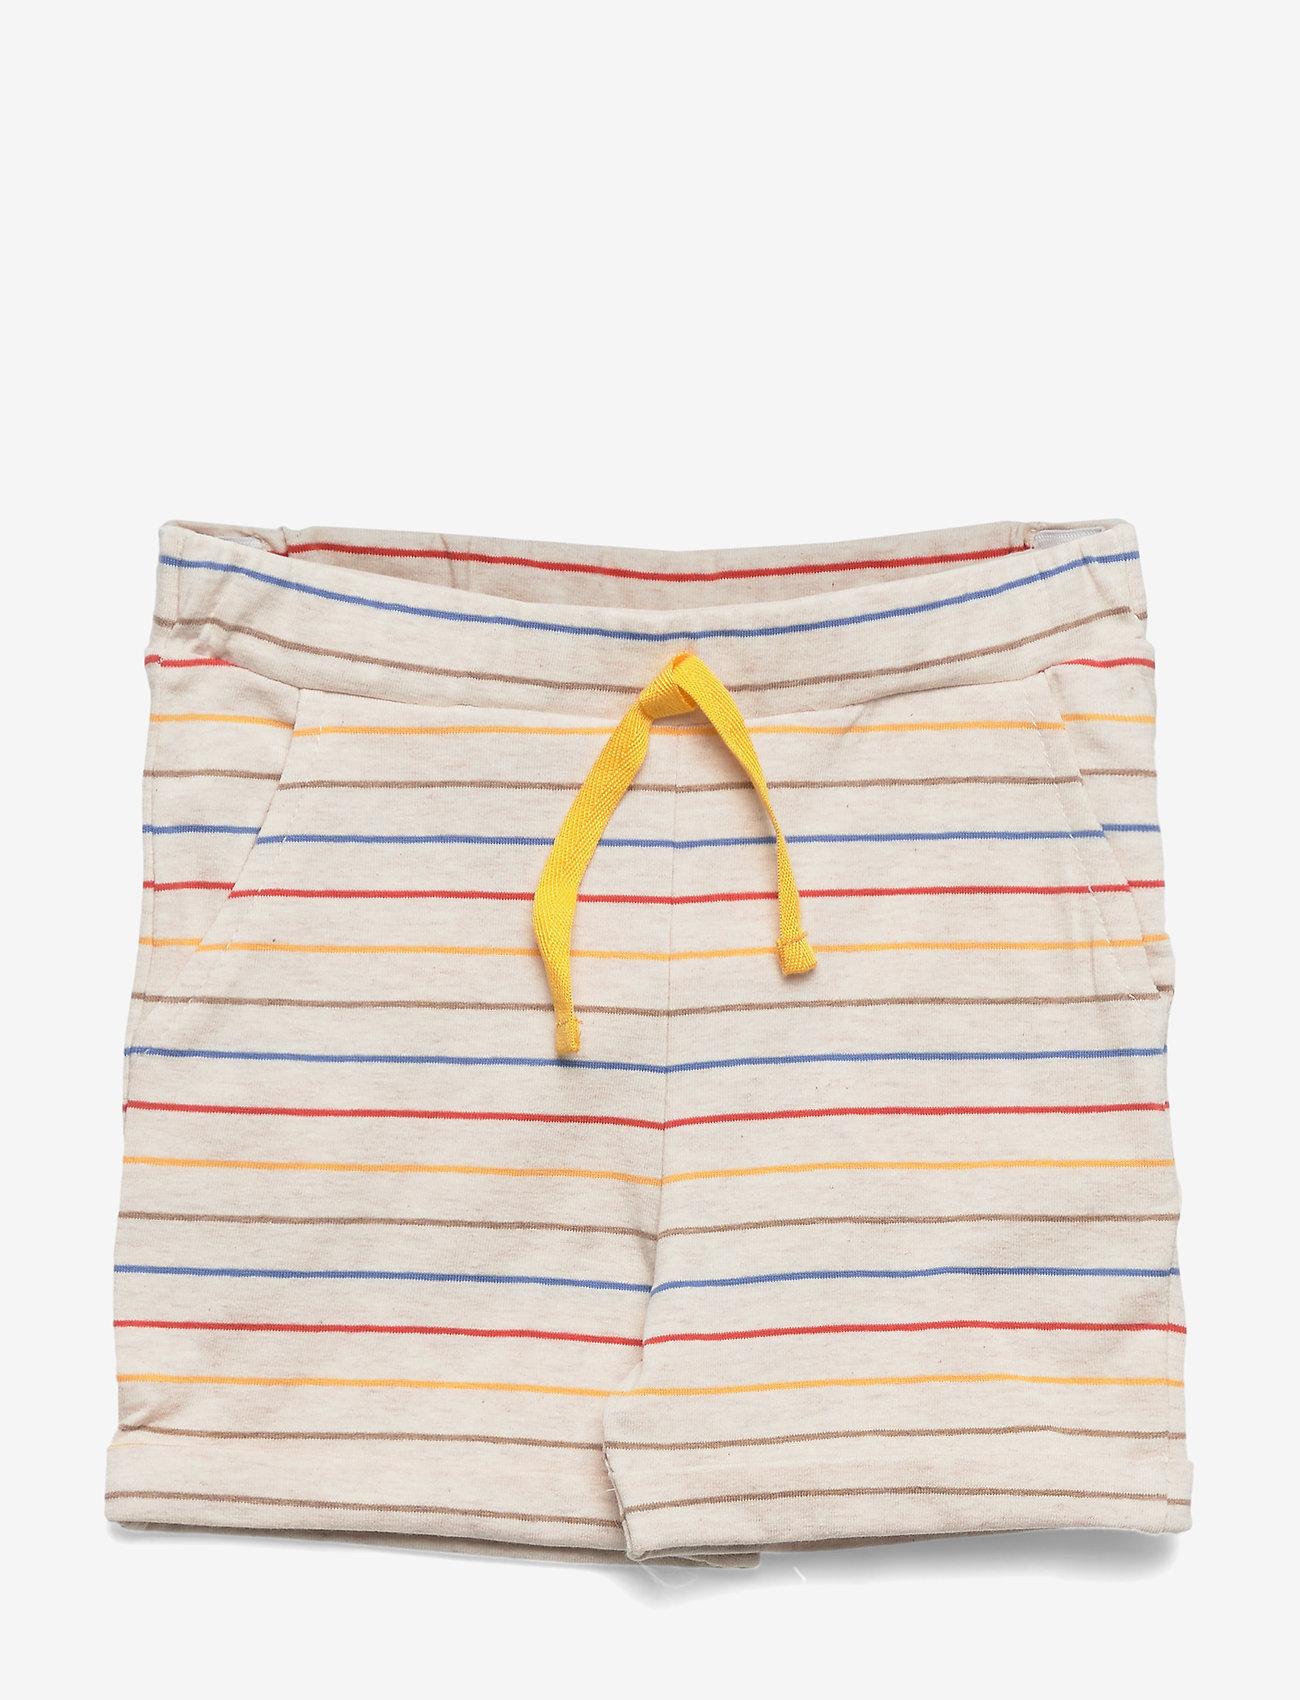 Noa Noa Miniature - Shorts - shorts - multicolour - 0